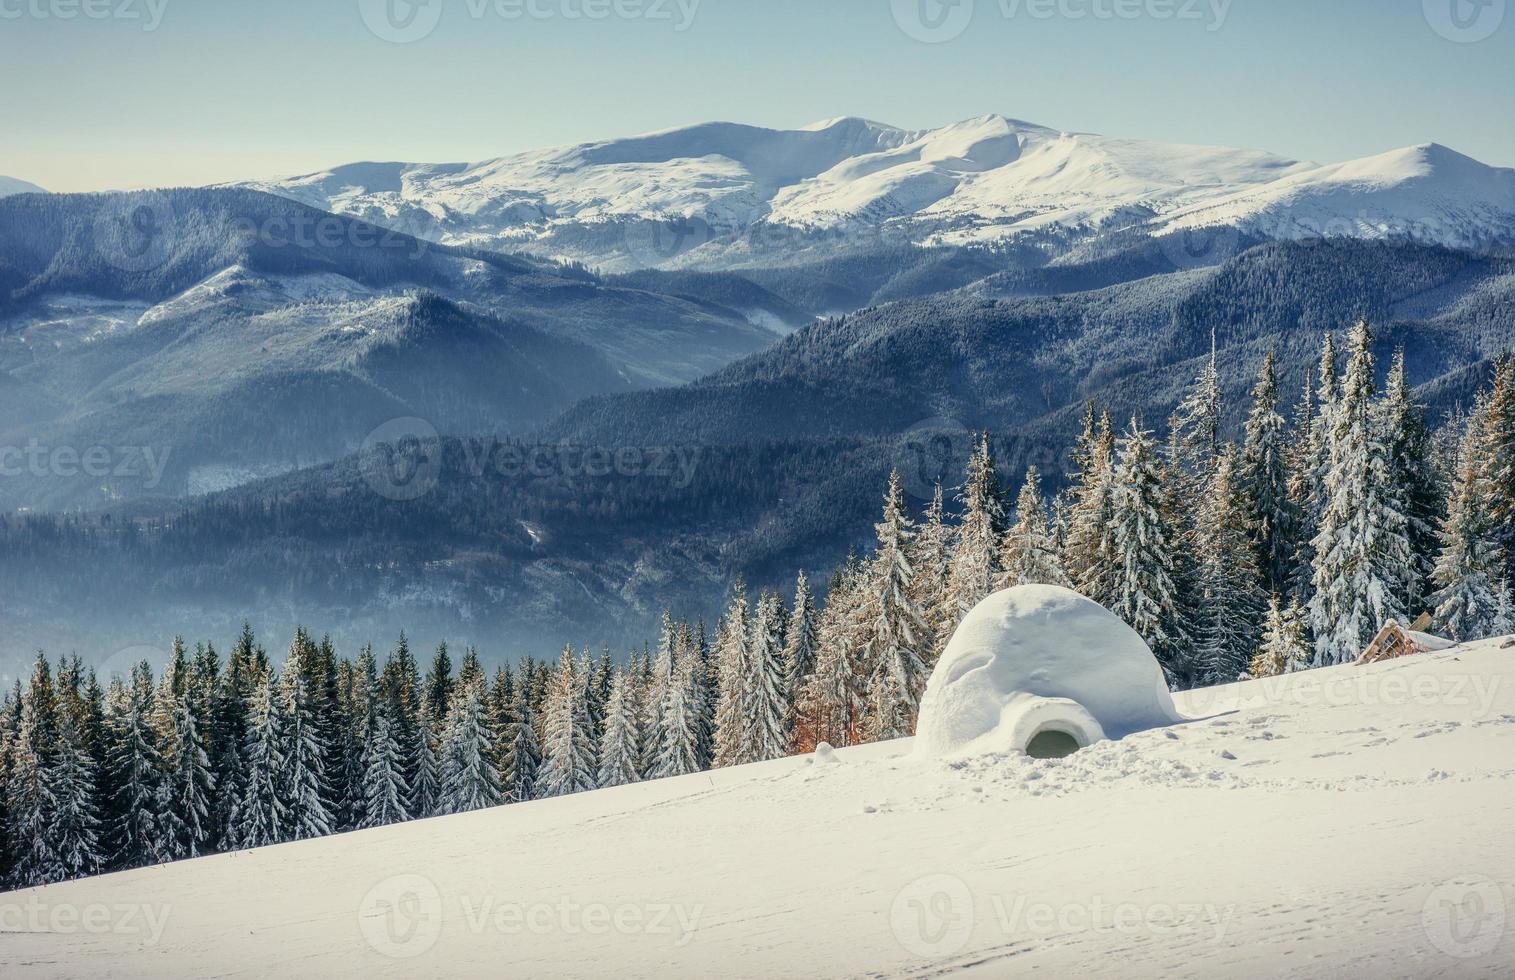 yurta en montañas de niebla de invierno. Cárpatos, Ucrania, Europa. foto